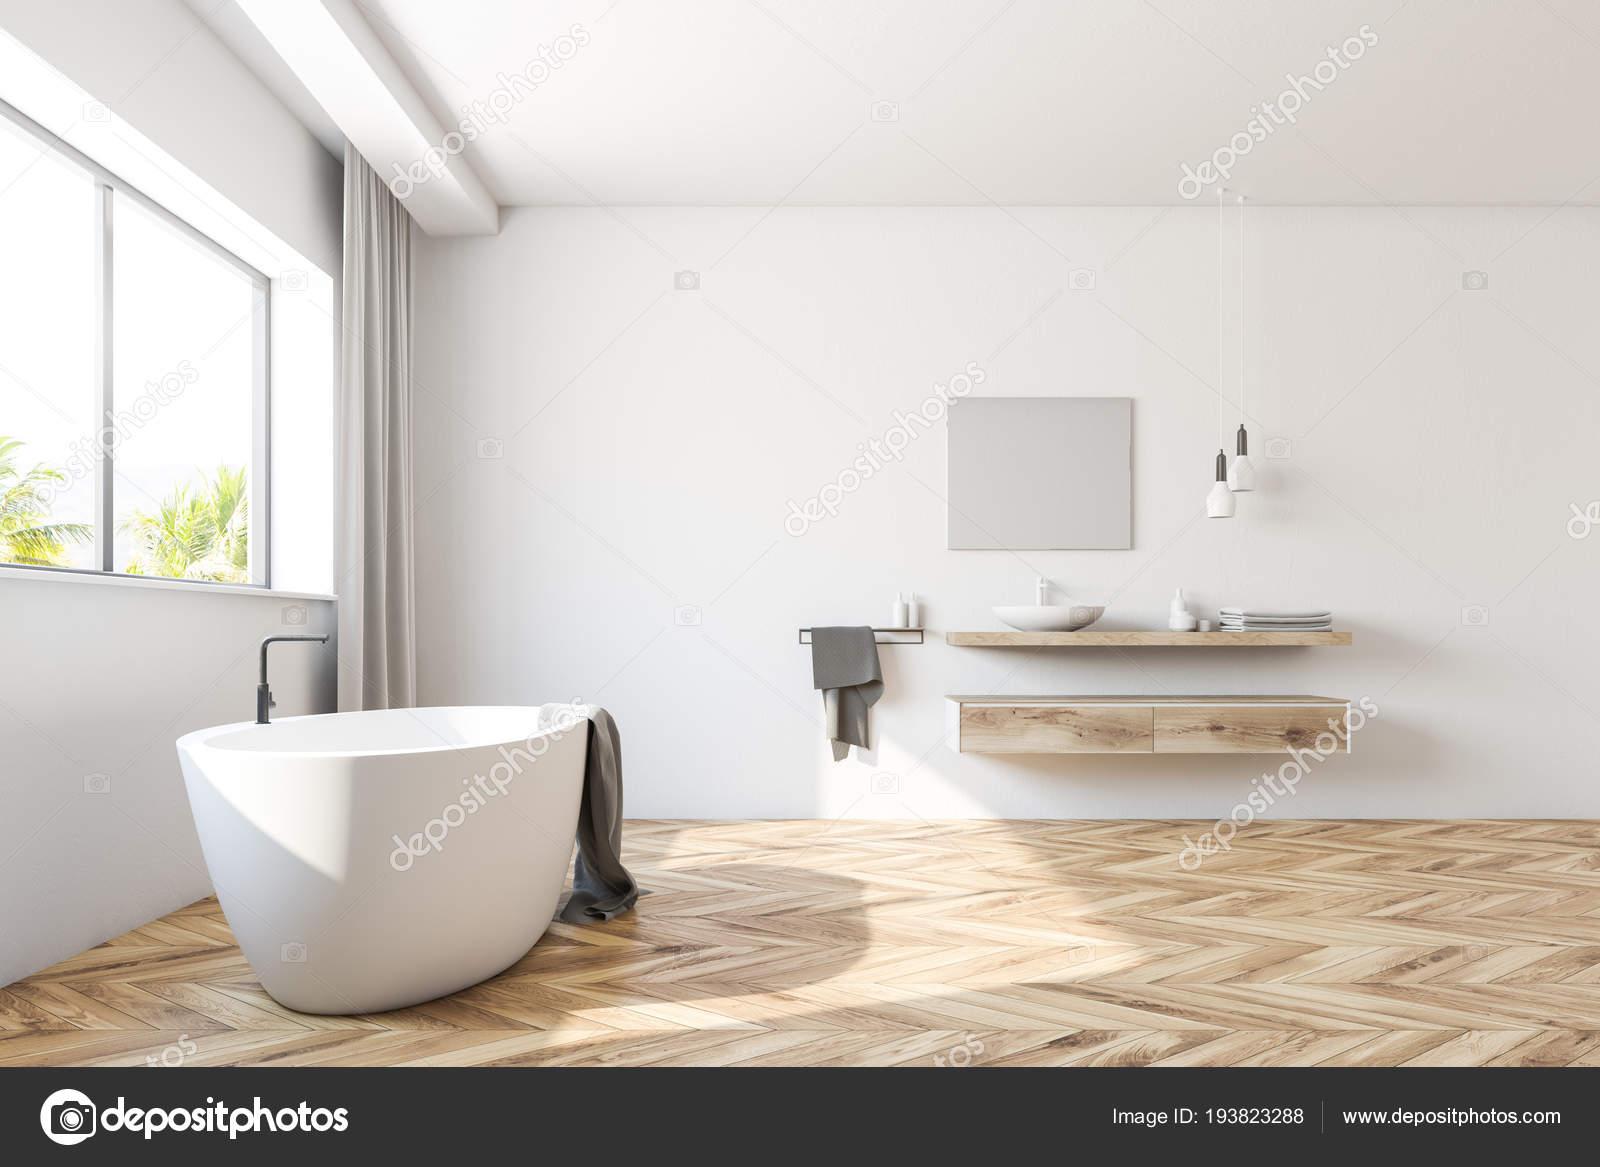 Innenraum Eines Weißen Badezimmers Mit Einem Holzfußboden Ein Großes ...